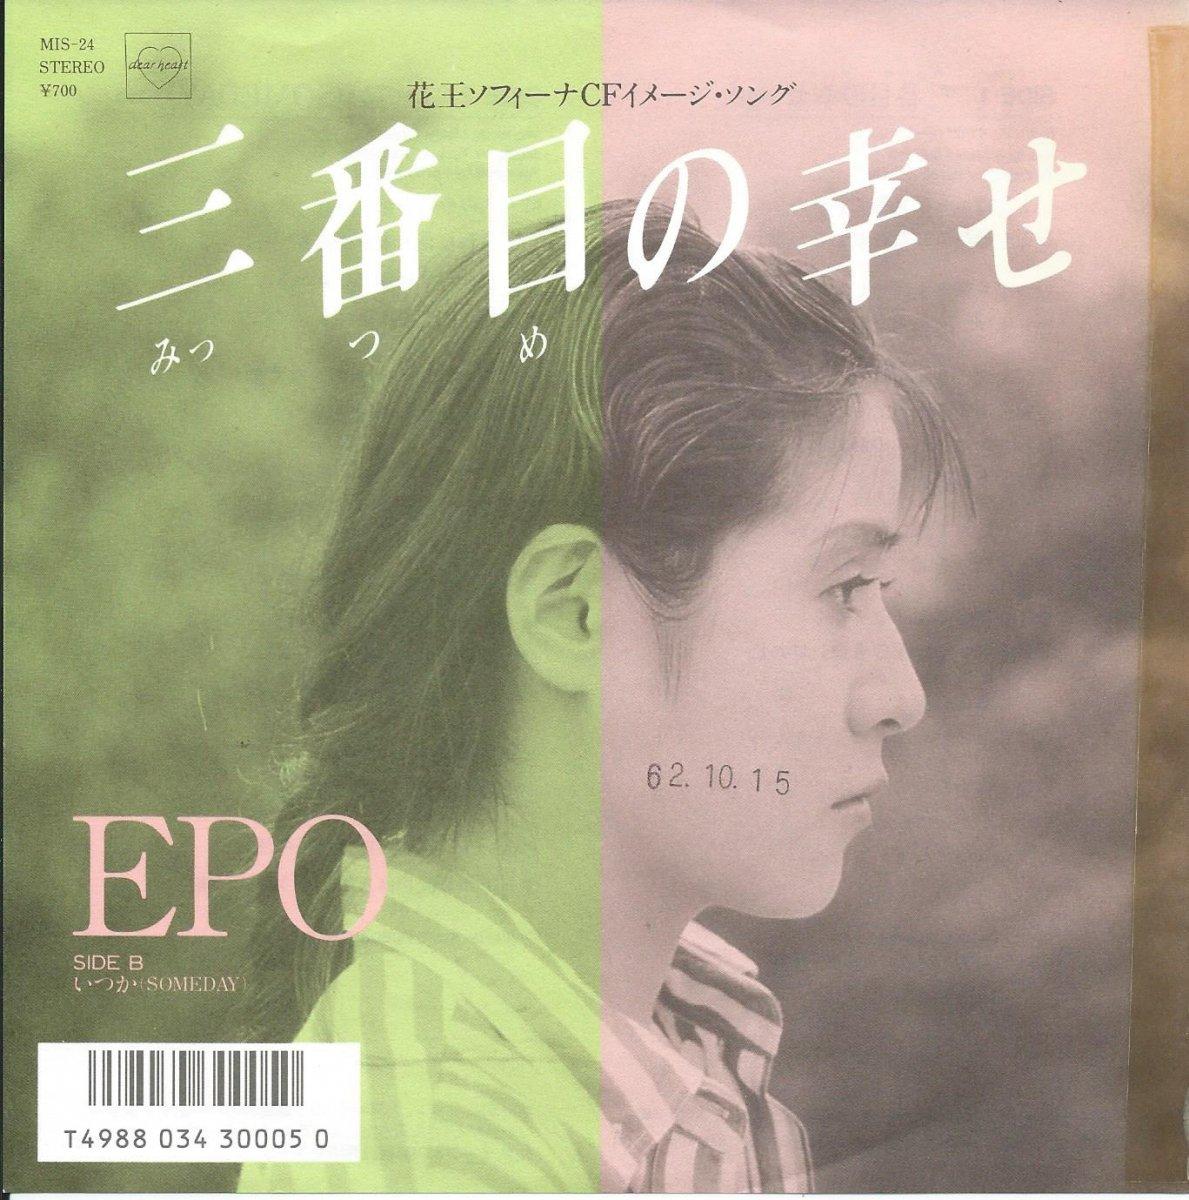 エポ EPO / 三番目の幸せ / いつか(SOMEDAY) (山下達郎,吉田美奈子) (7